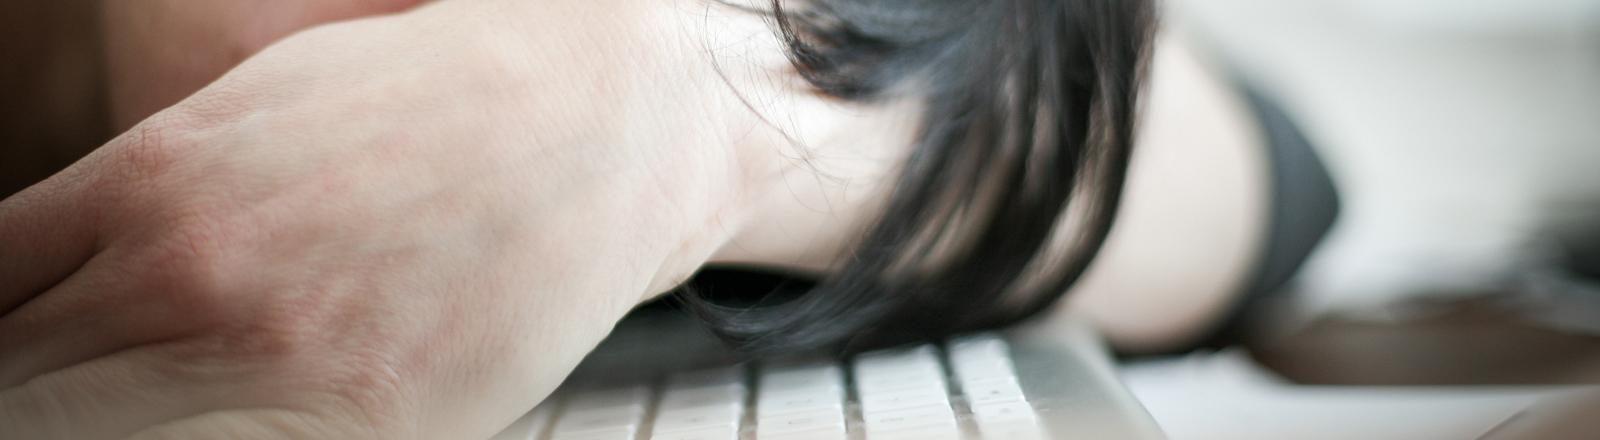 Ein Frau legt den Kopf neben ihre Tastatur